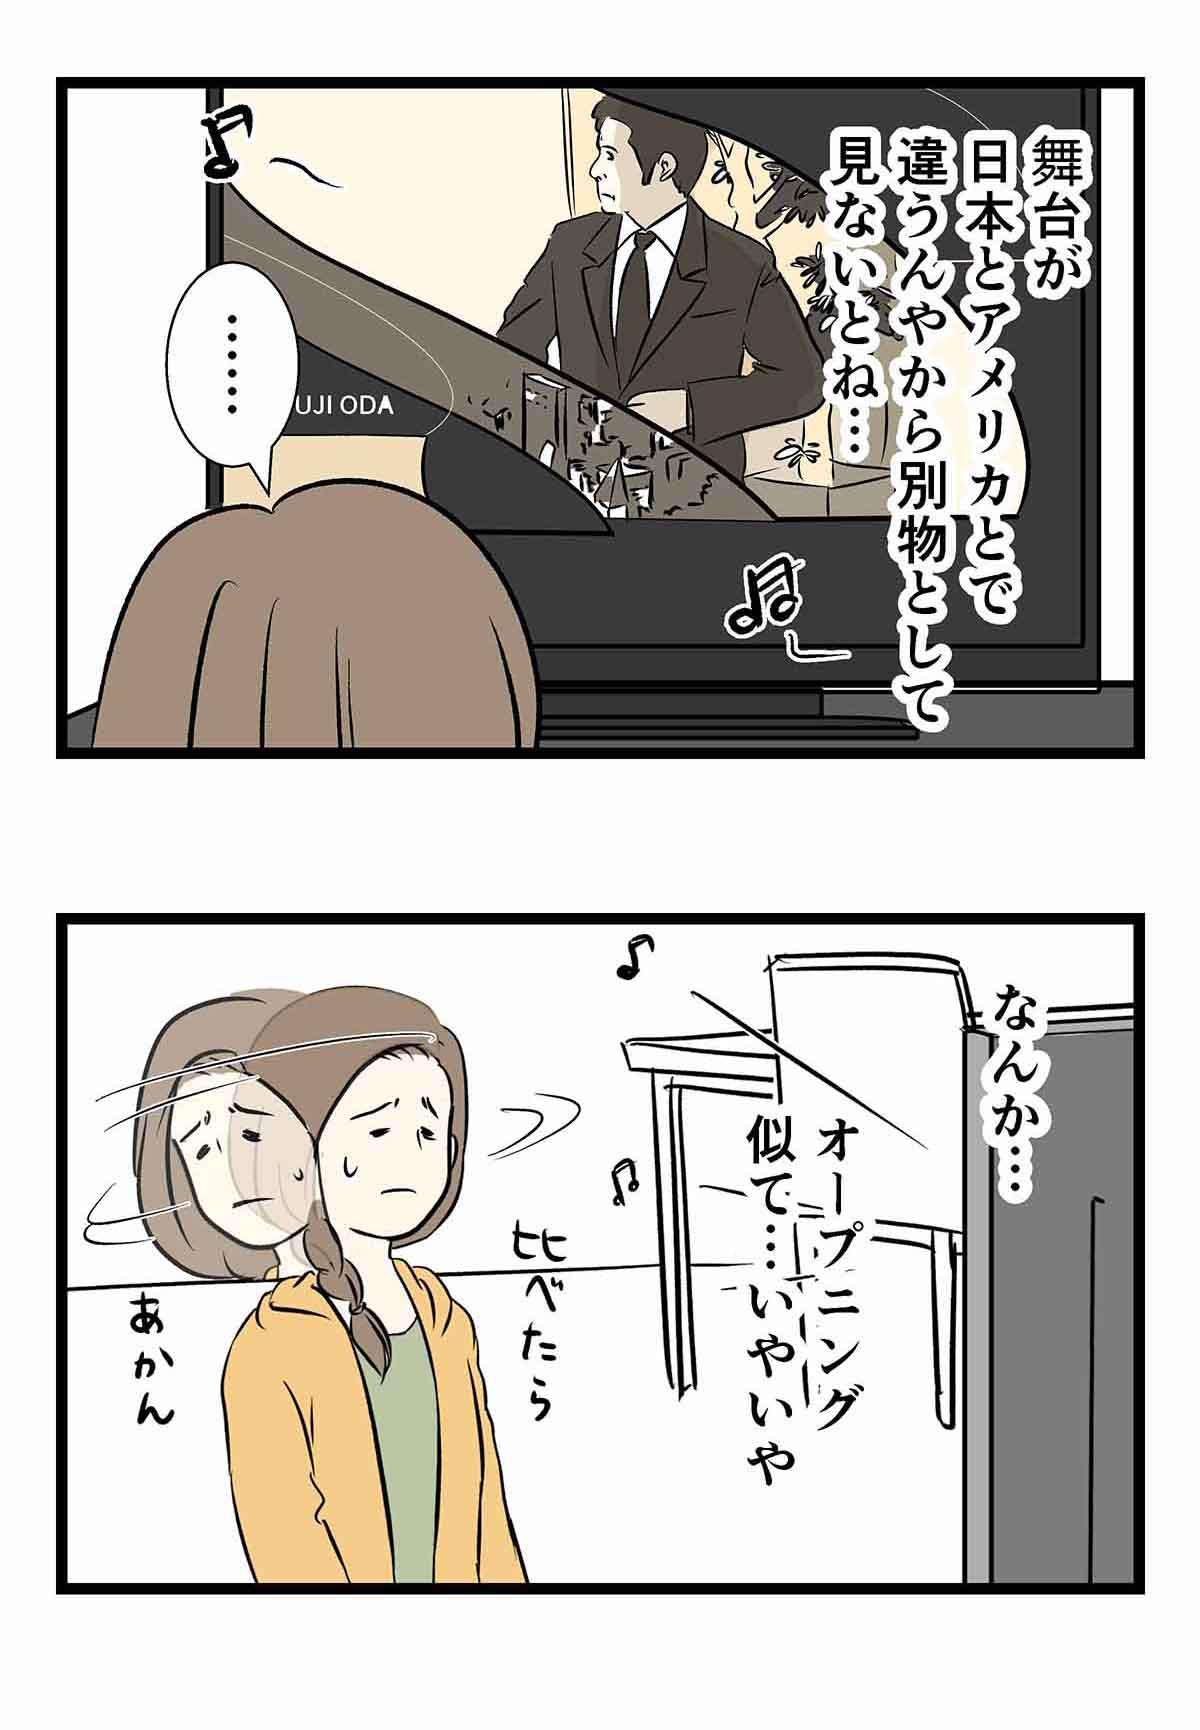 コミック1877b